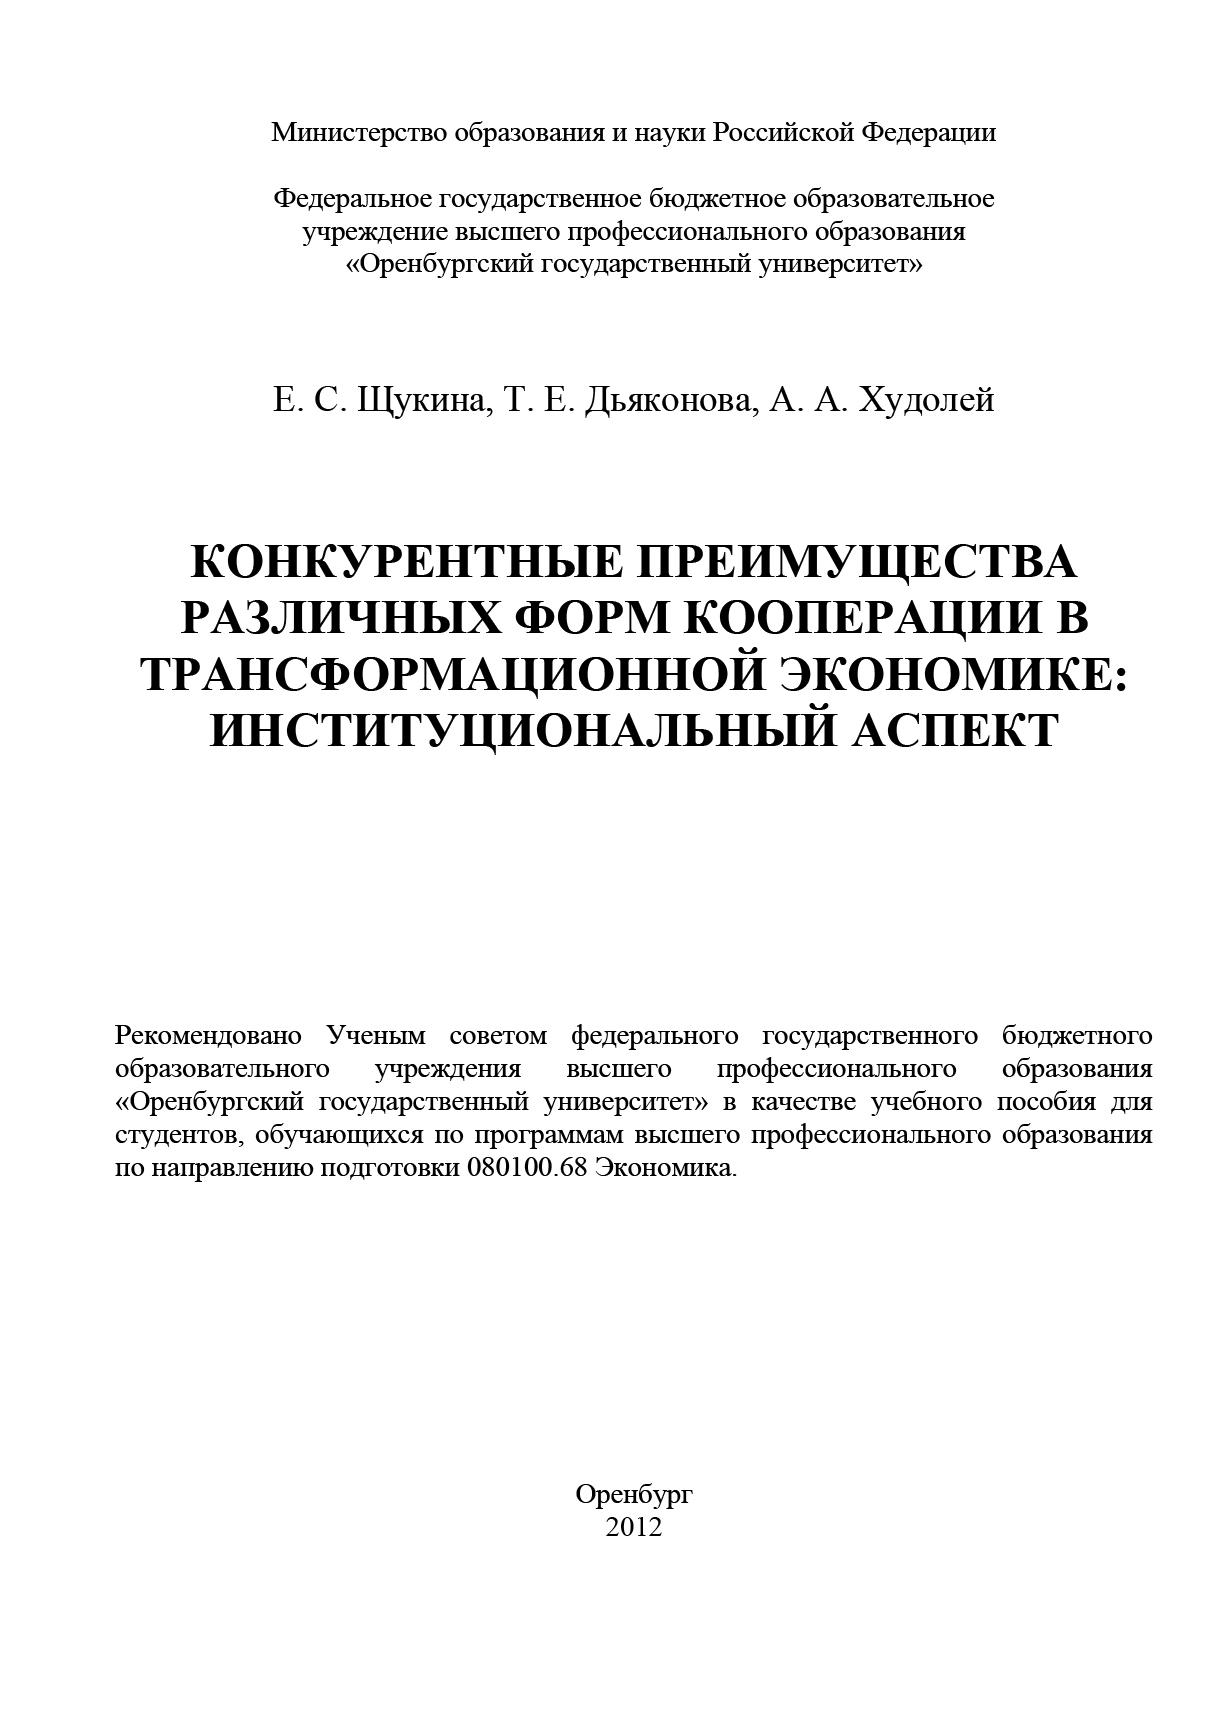 Е. С. Щукина Конкурентные преимущества различных форм кооперации в трансформационной экономике: институциональный аспект